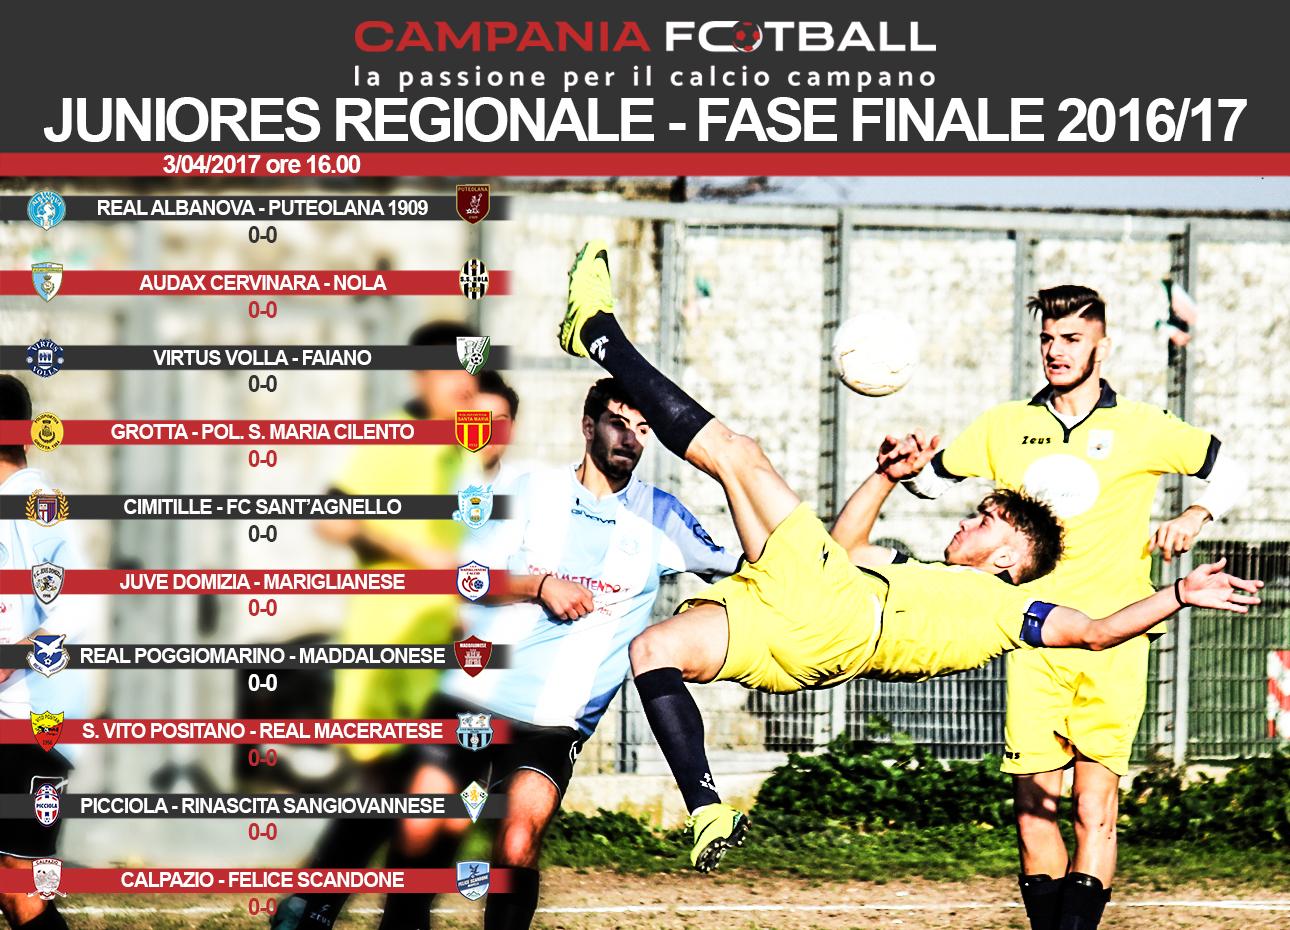 Juniores Regionale Fase Finale: i tabellini dei 10 match del 1° Turno